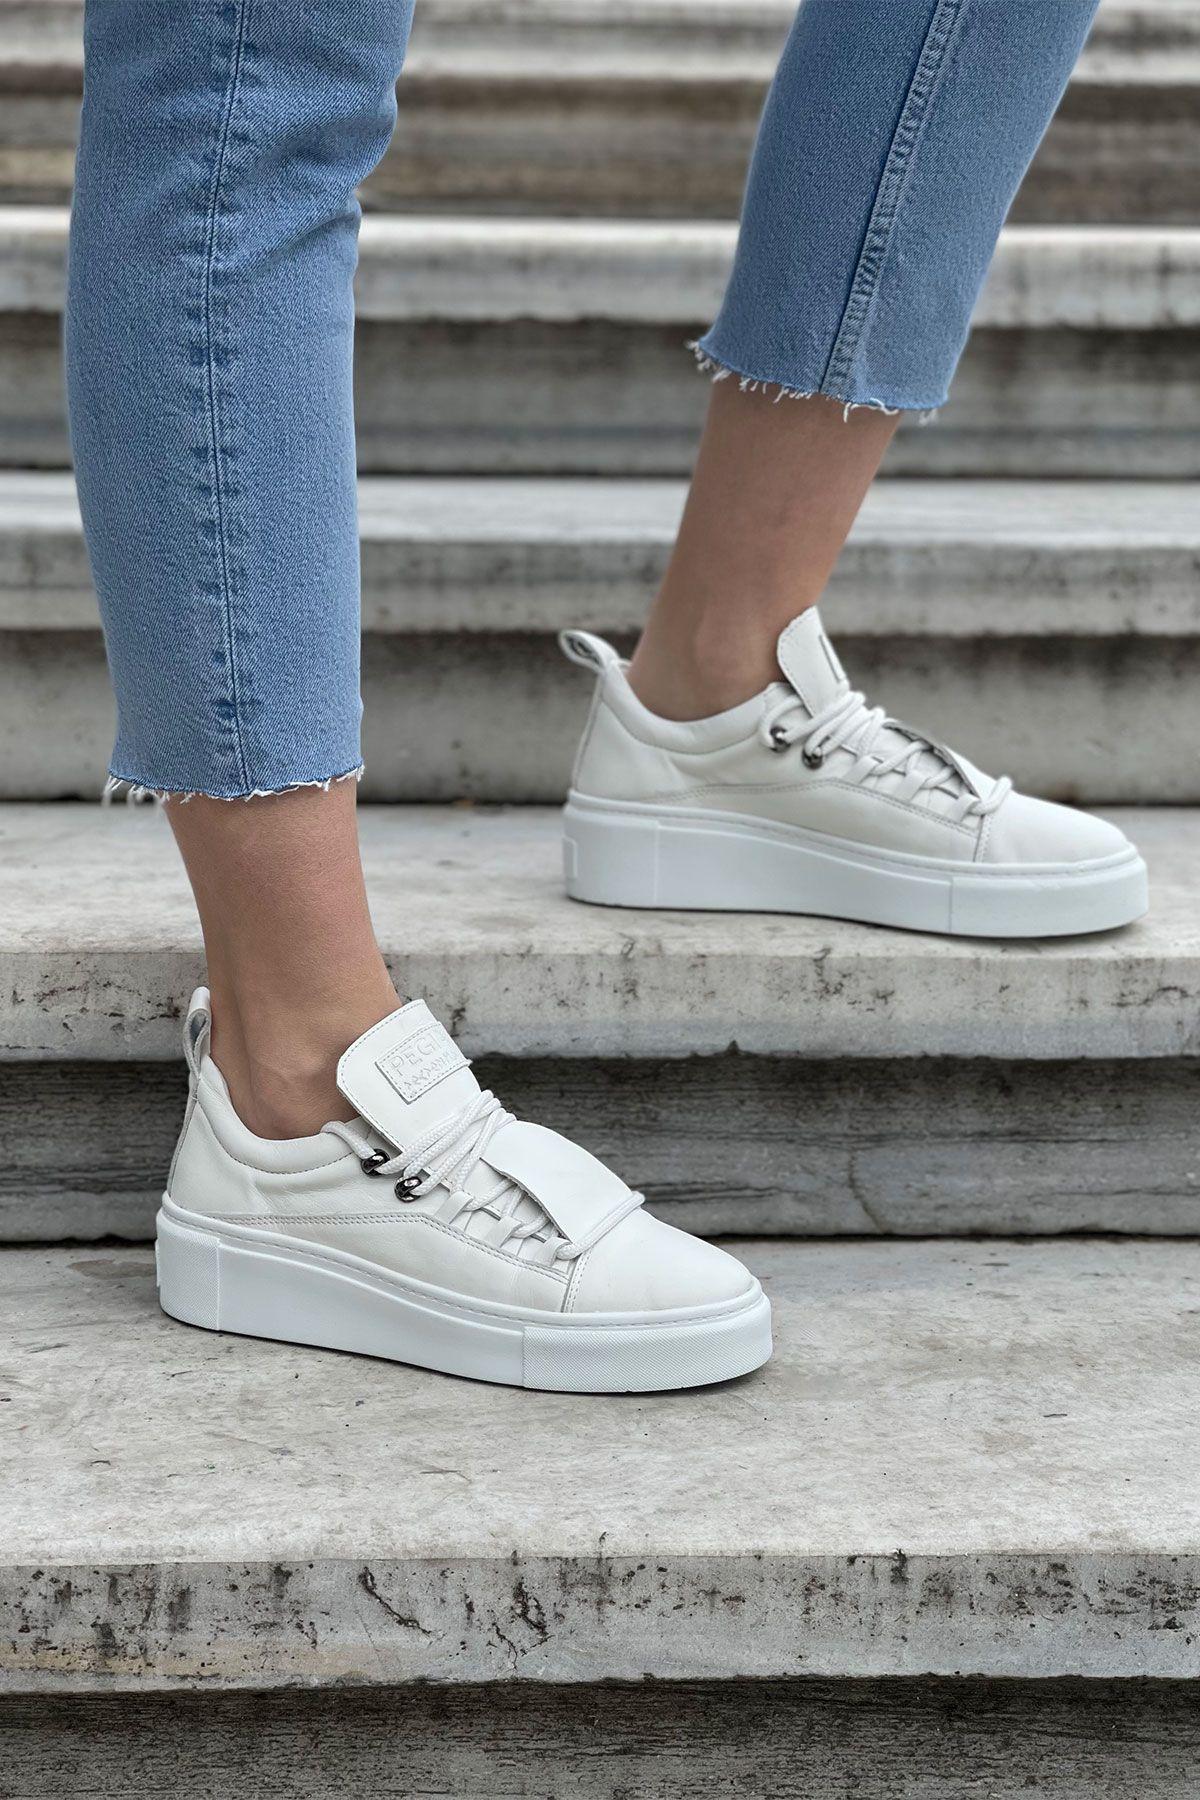 Pegia Genuine Leather Women's Sneaker LA1701 White